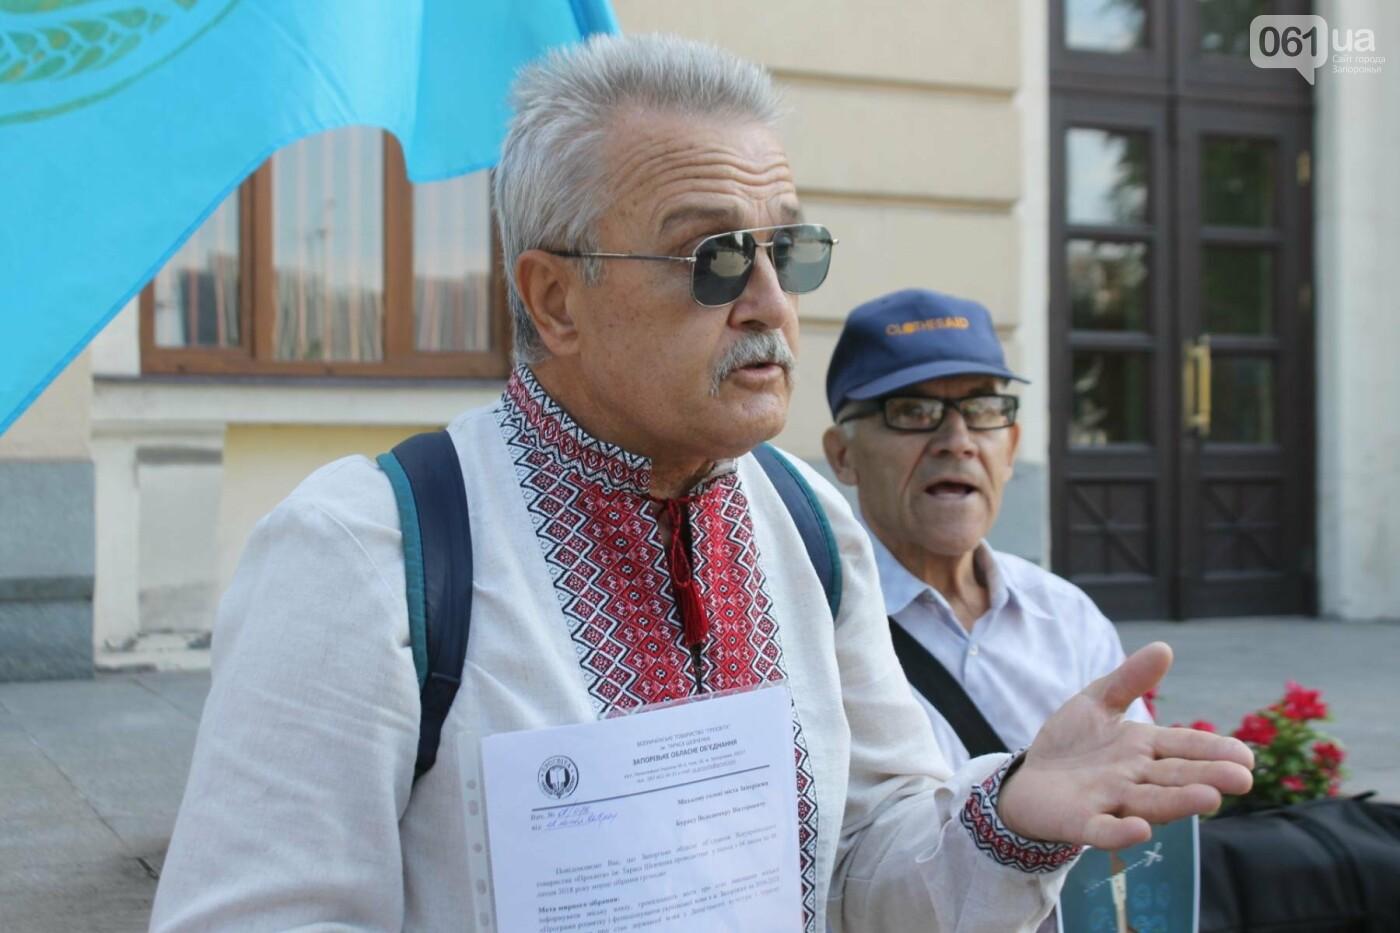 В Запорожье на митинг в защиту украинского языка под мэрию вышли 5 человек, – ФОТОРЕПОРТАЖ, фото-7